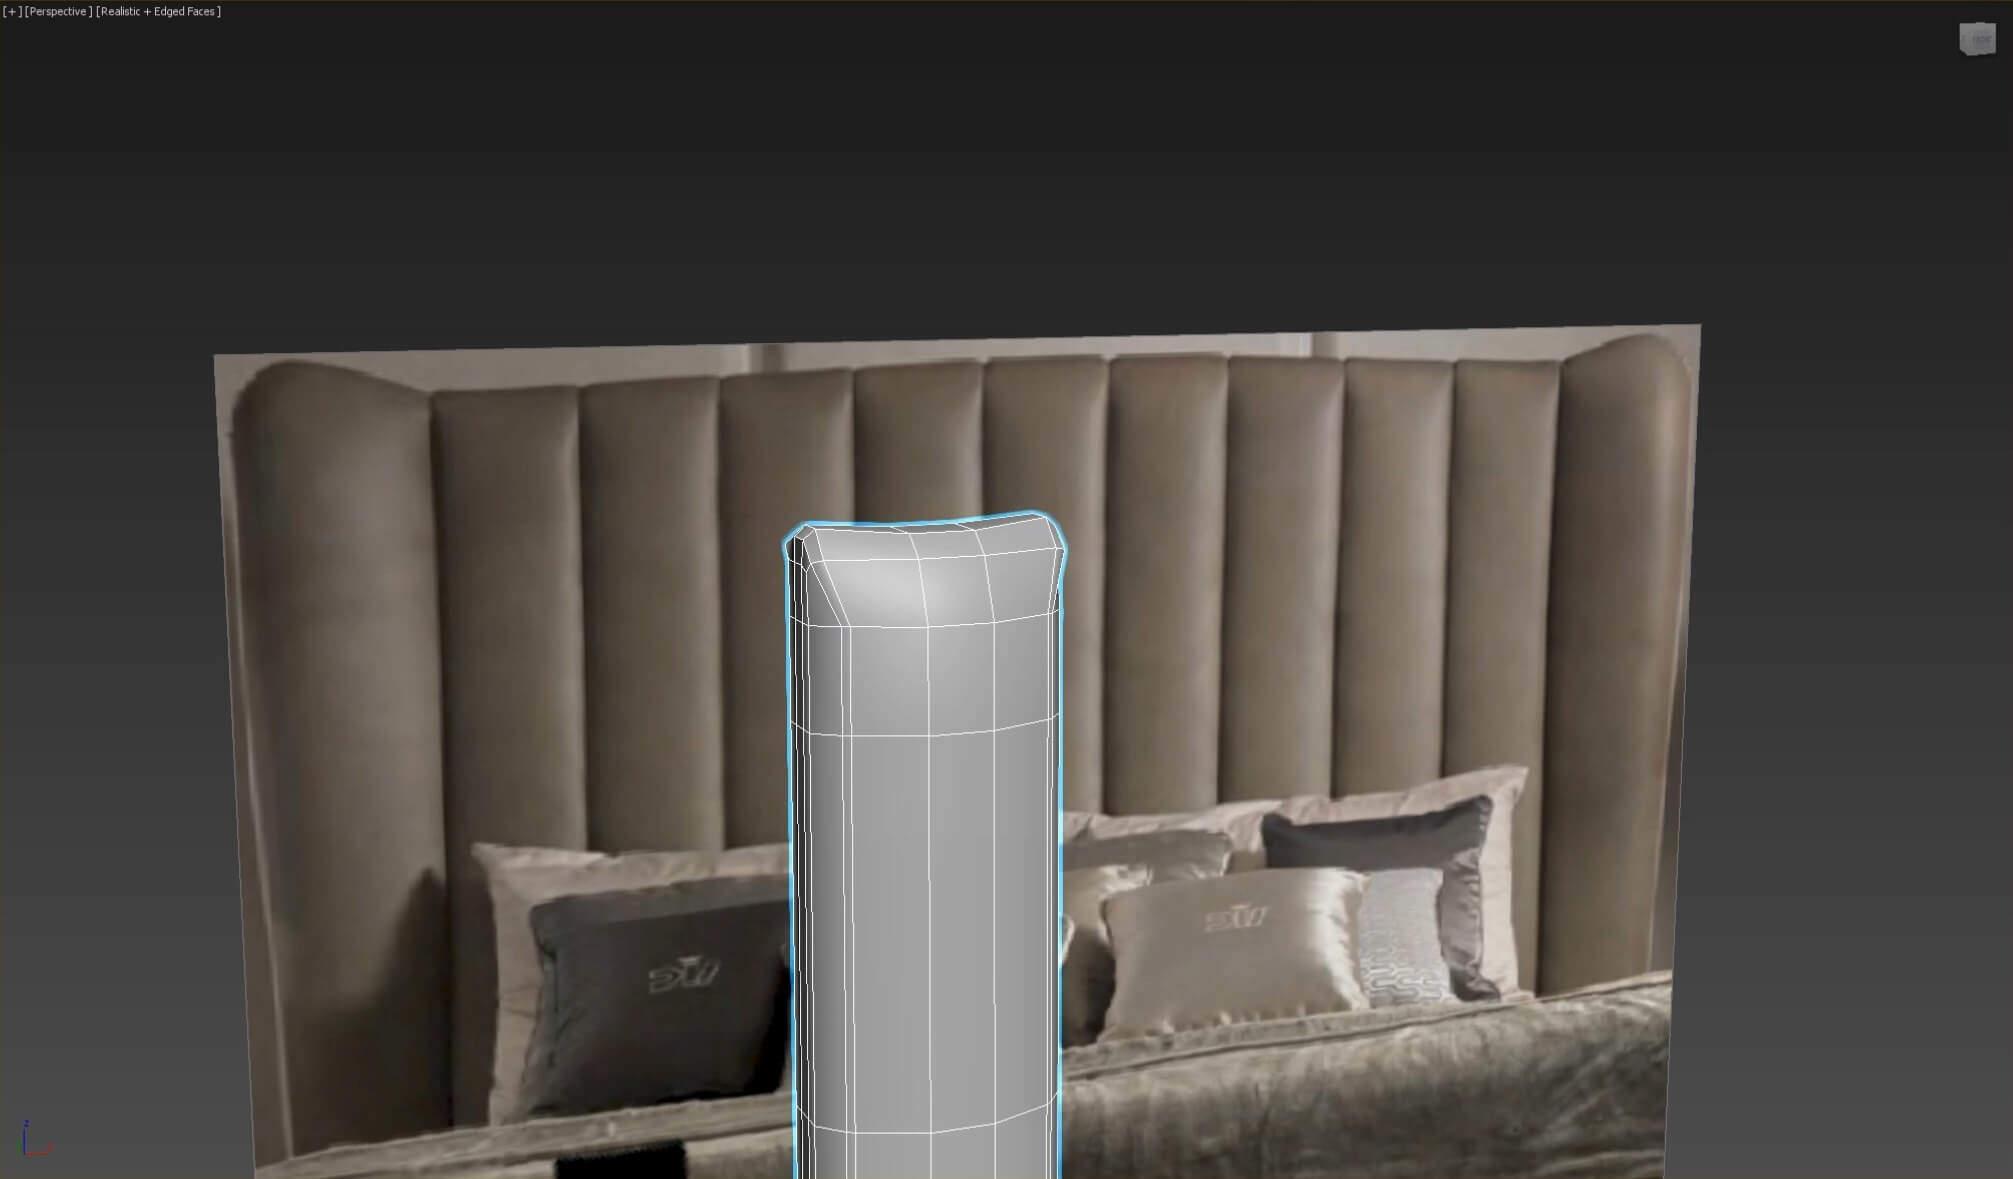 3d моделирование кожаного изголовья кровати DV home Hermes в 3dsMax_1